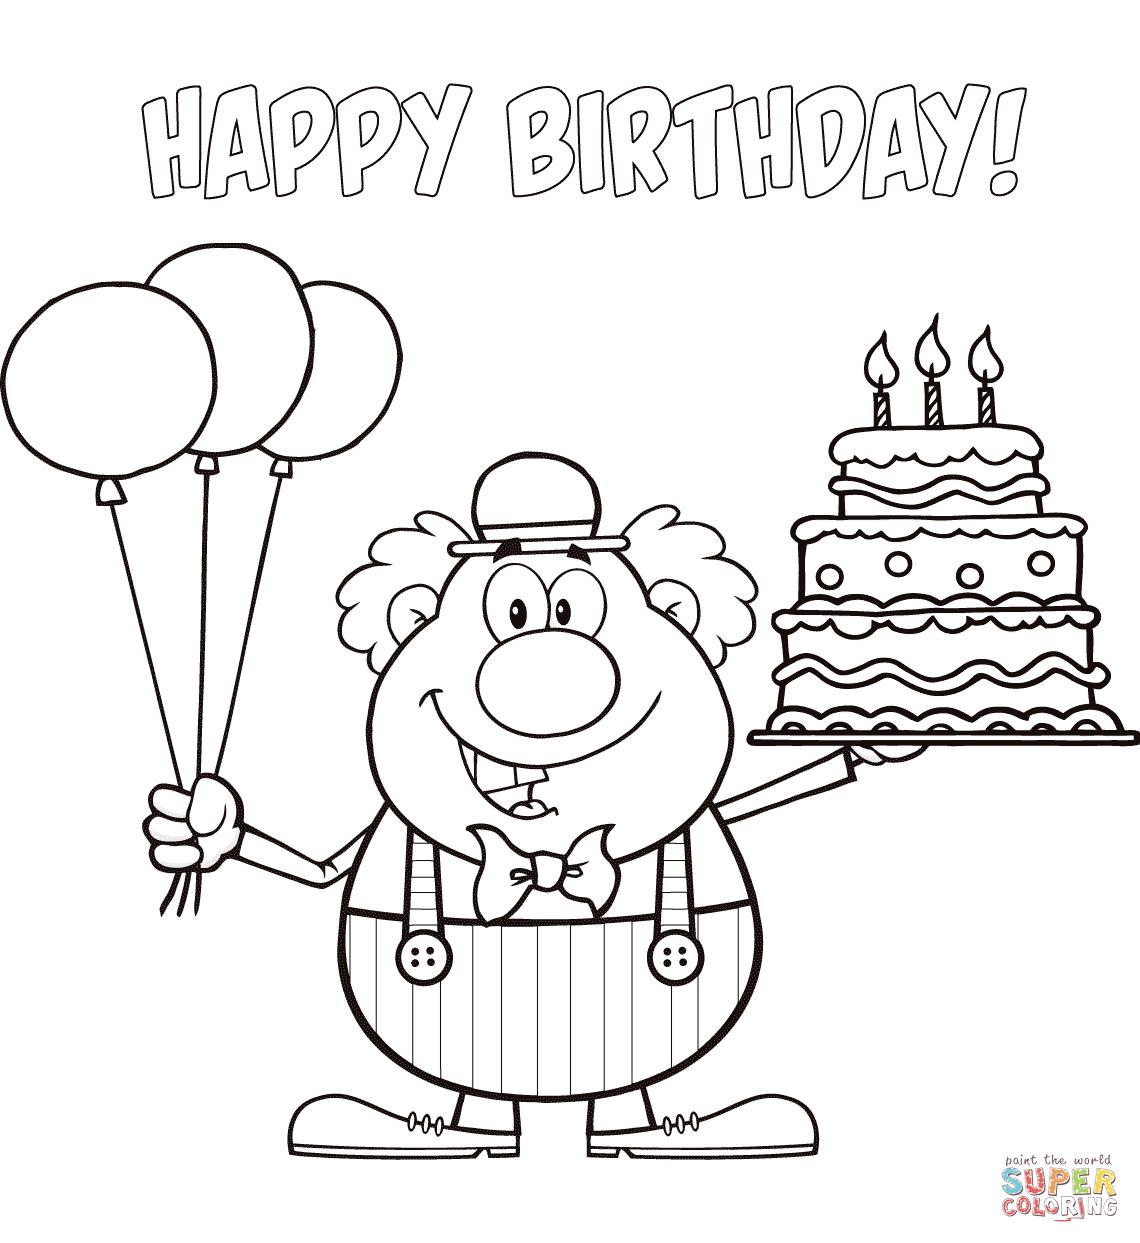 Desenho De Feliz Aniversário Palhaço Com Balões E Bolo Para